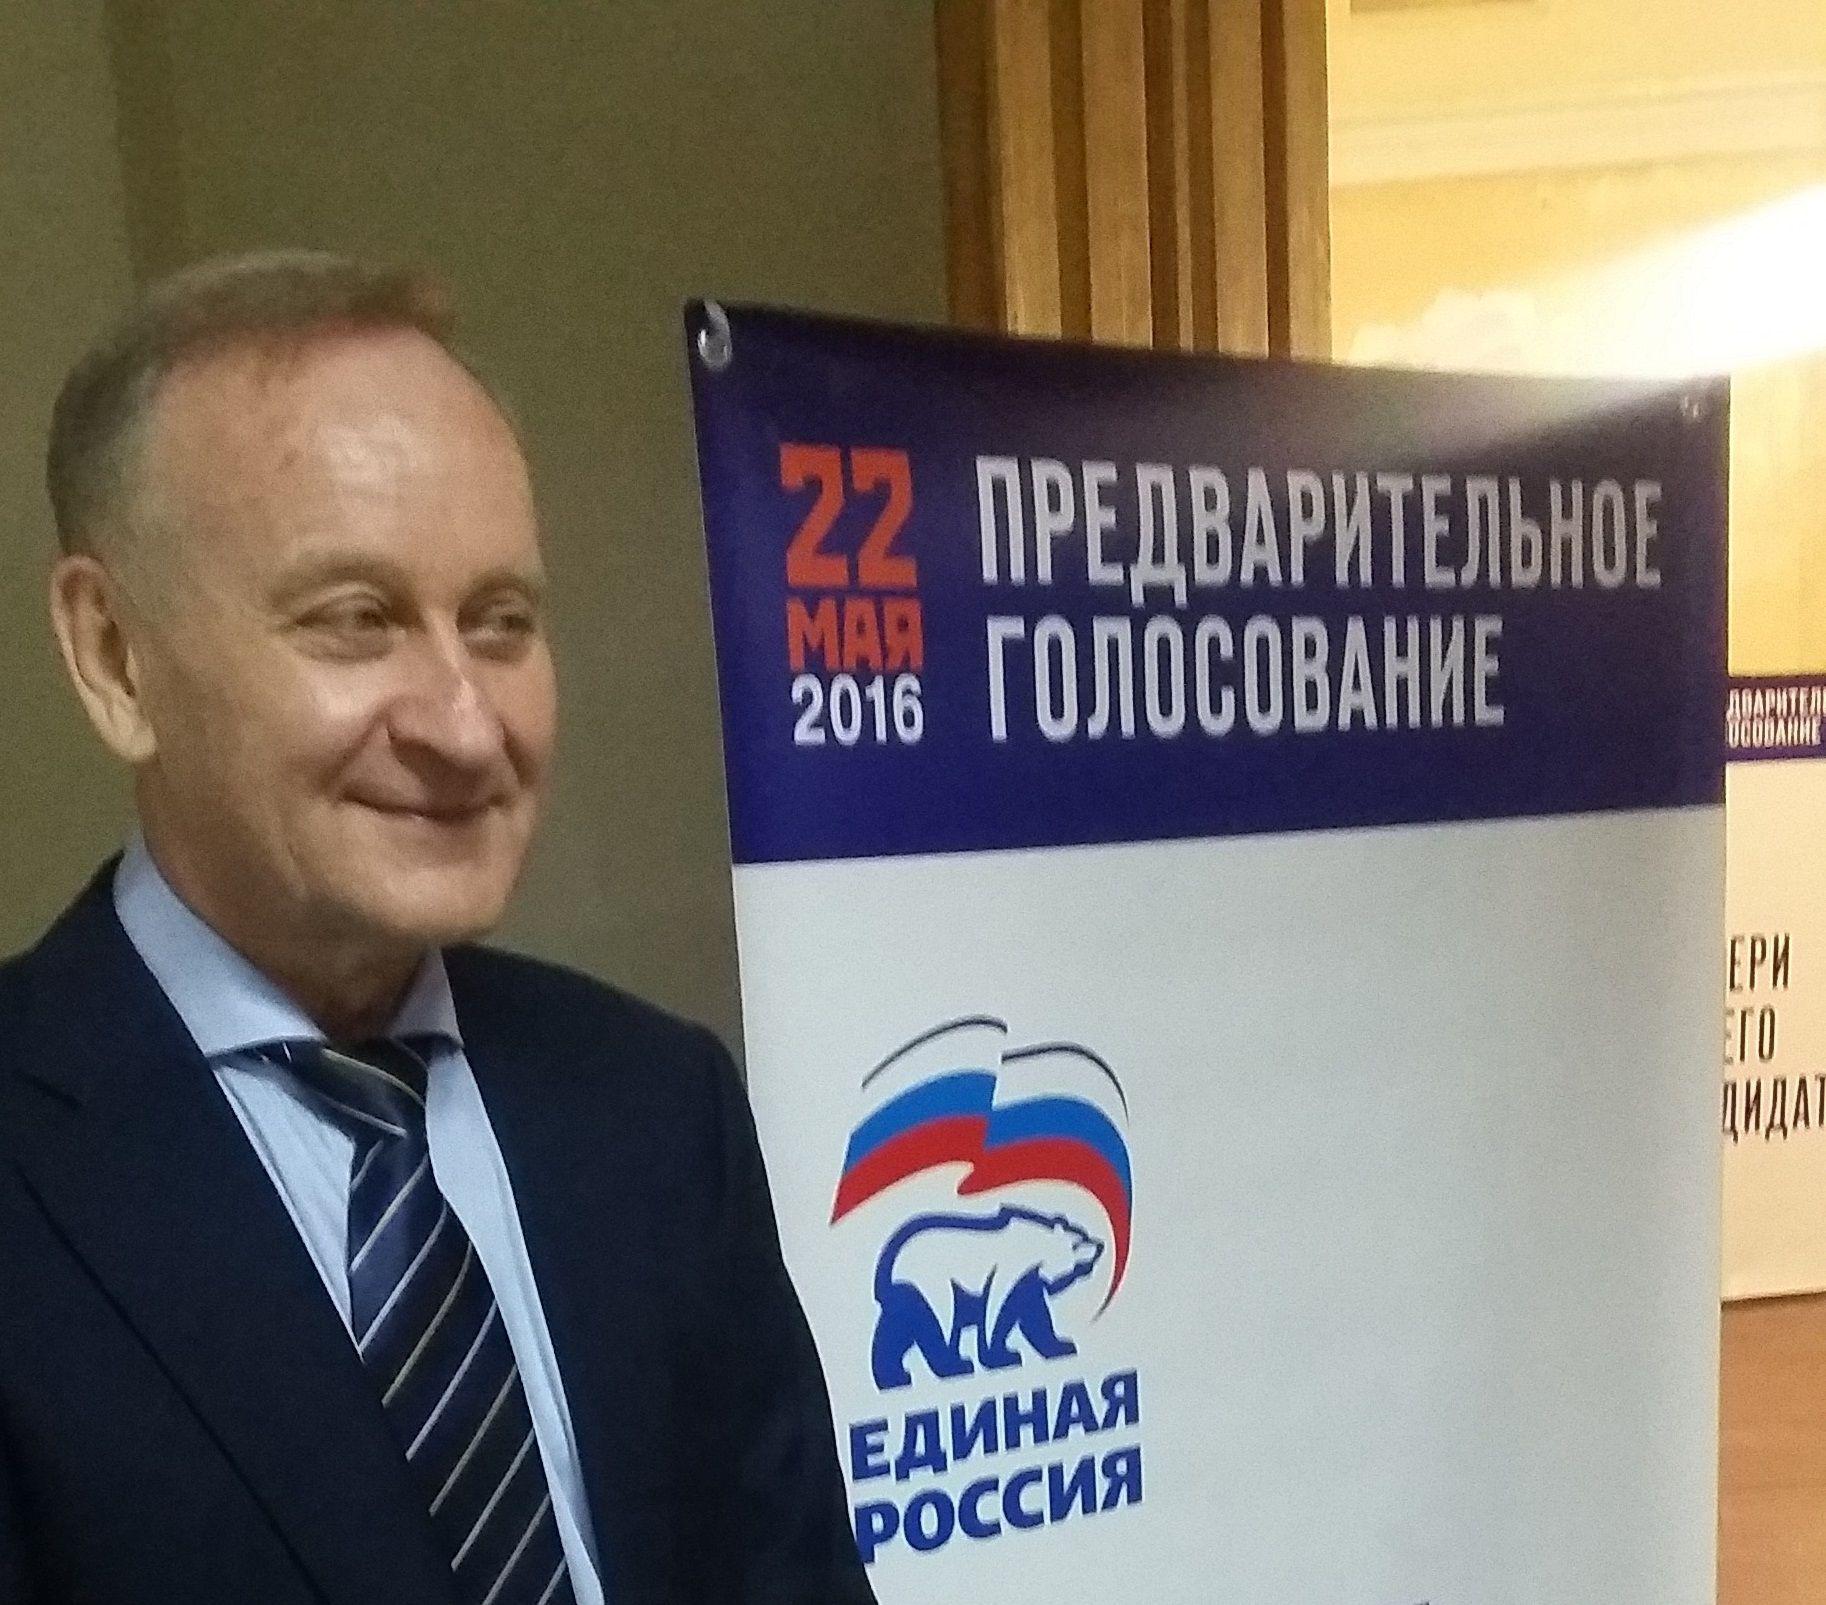 Геннадий Лазарев: Избиратели всегда отдавали предпочтение тем, кому верят